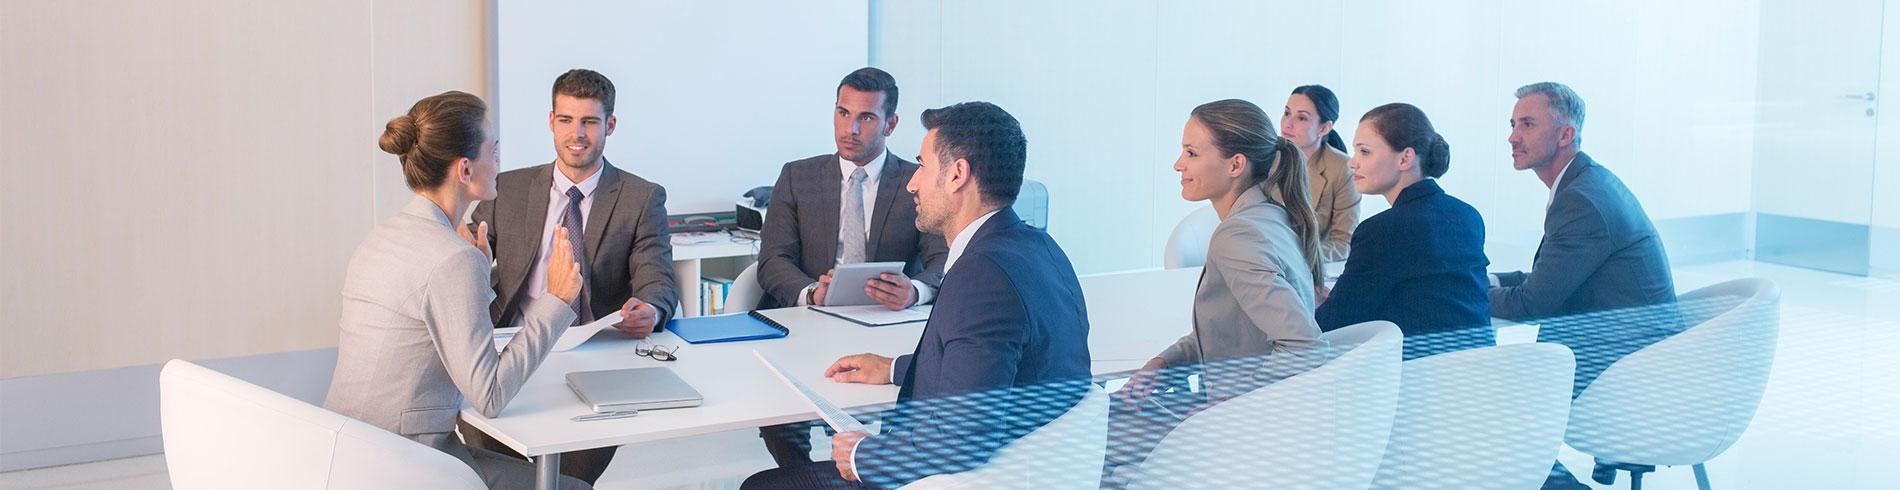 Imagen de reunión corporativa